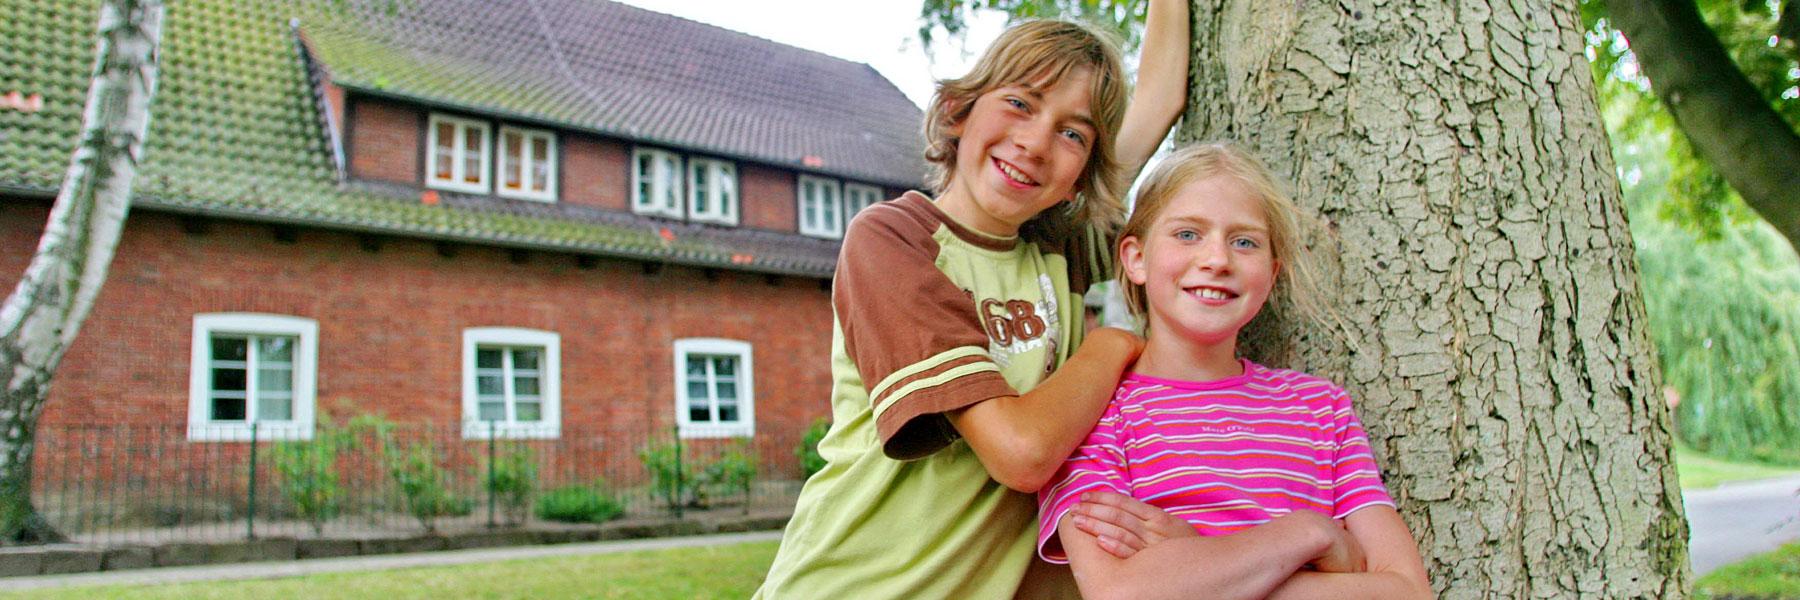 Kinder vor dem Haus - Jugendherberge Teterow